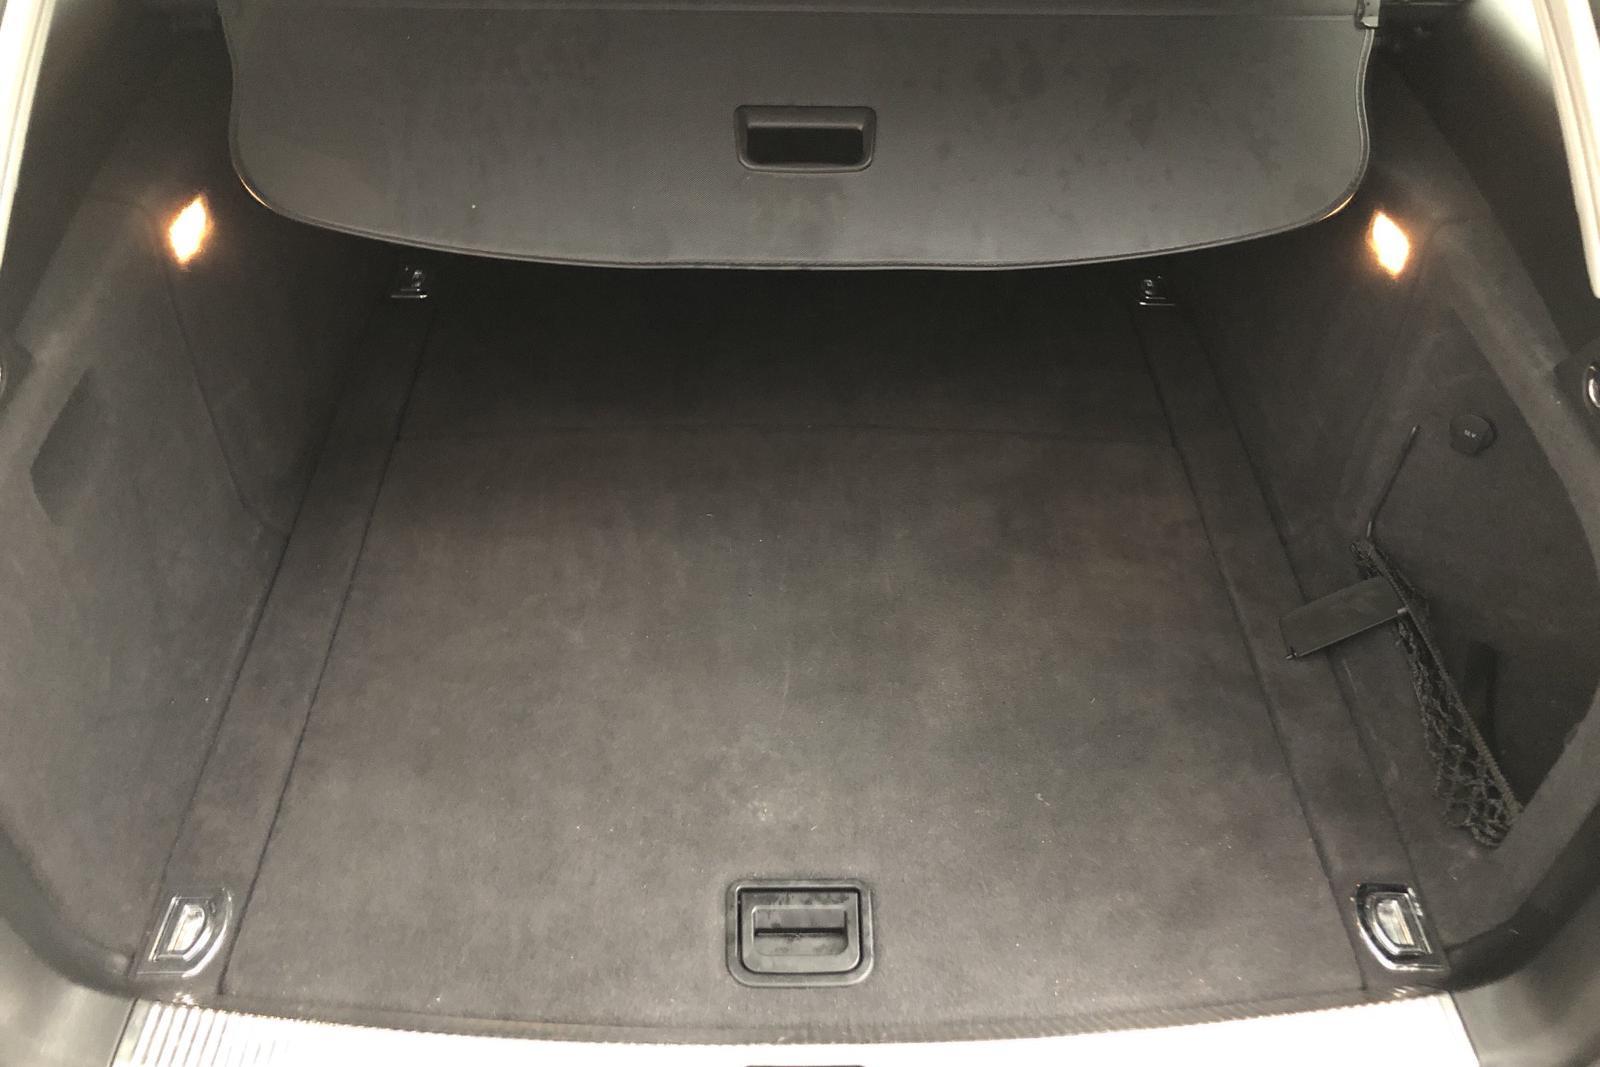 Audi A4 2.0 TFSI E85 Avant quattro (180hk) - 15 773 mil - Manuell - vit - 2011